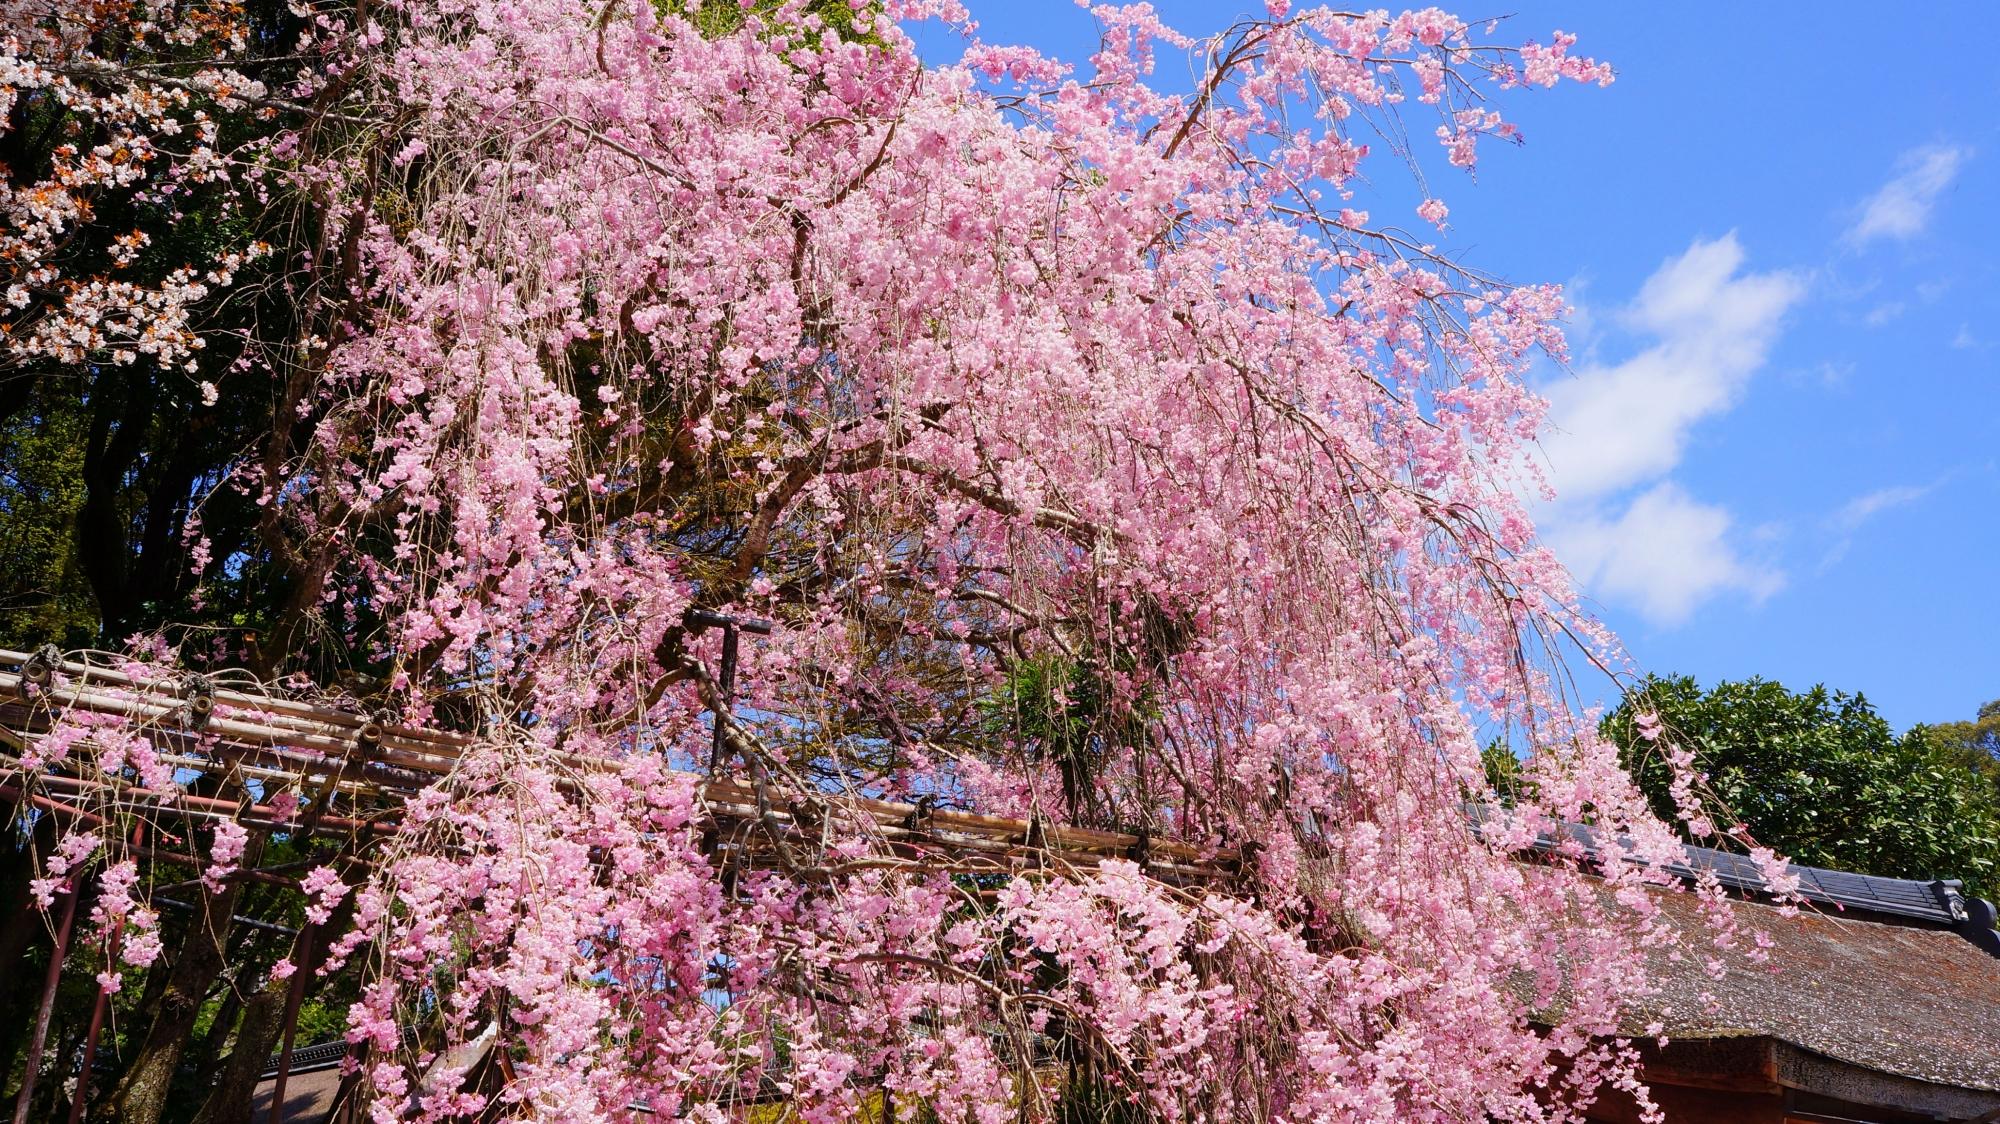 青空と境内を春色に彩る見事な桜